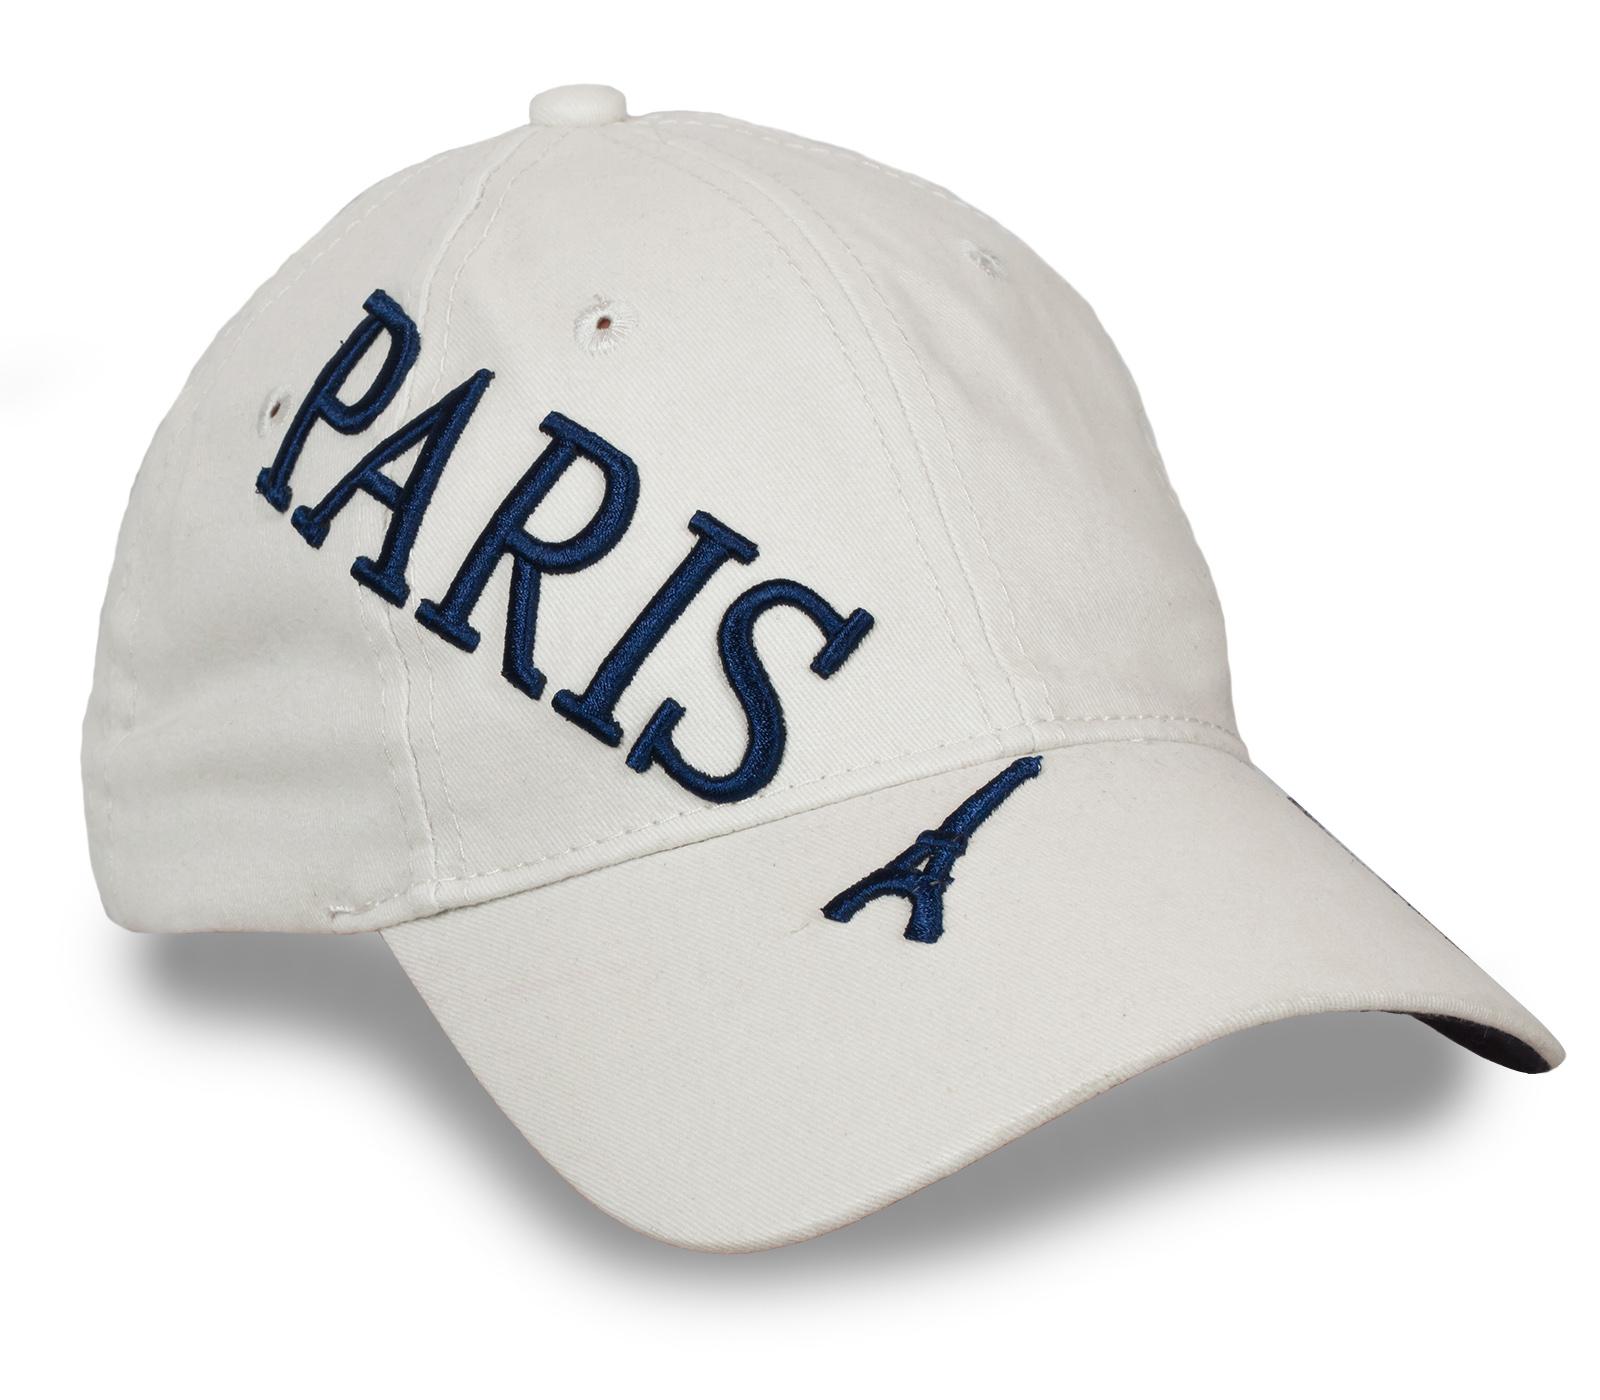 Мужские и женские бейсболки PARIS белого цвета – покупай на лето!